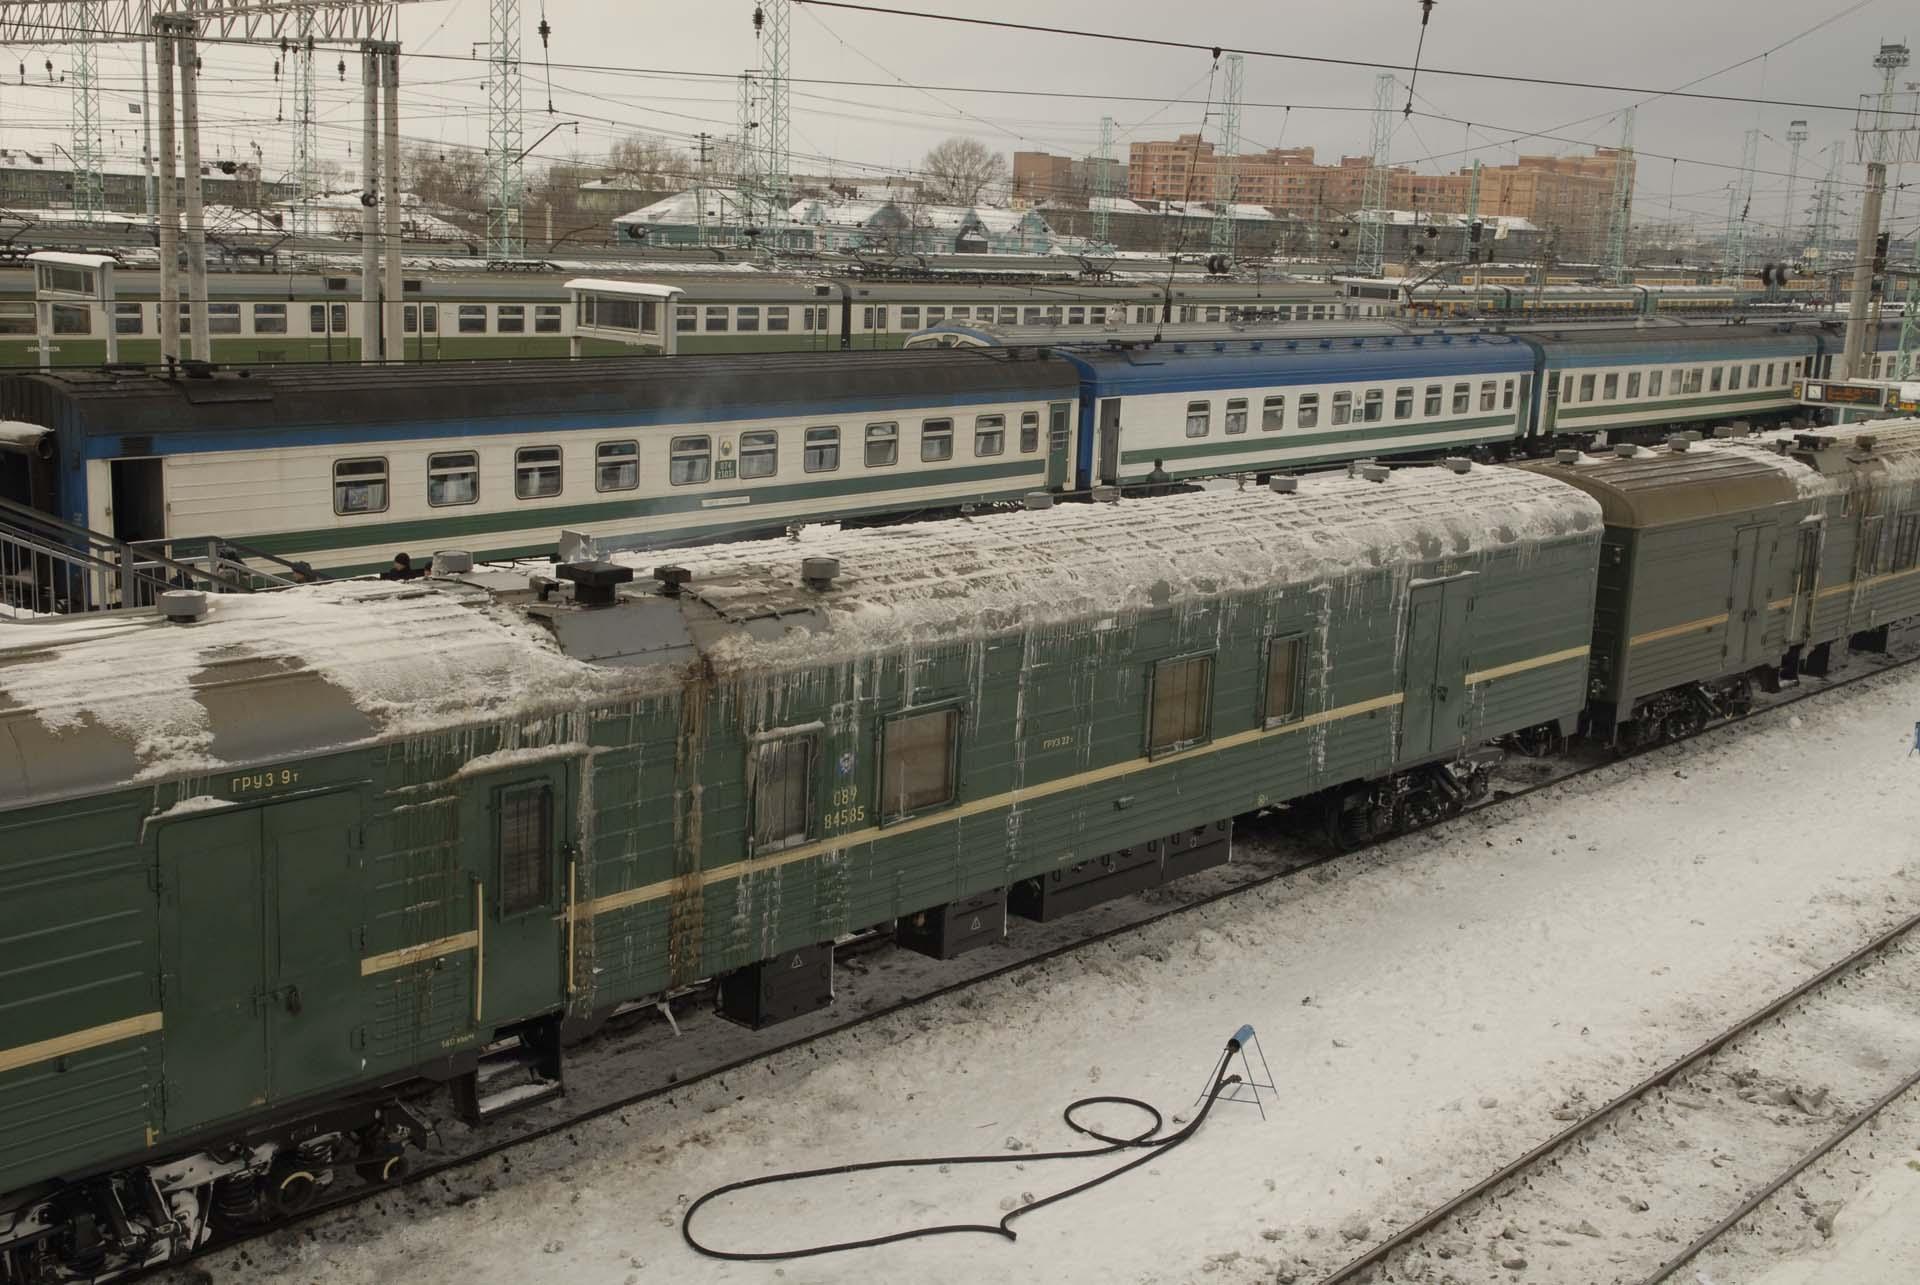 Eisenbahnwagons wie kaputte Eisschränke